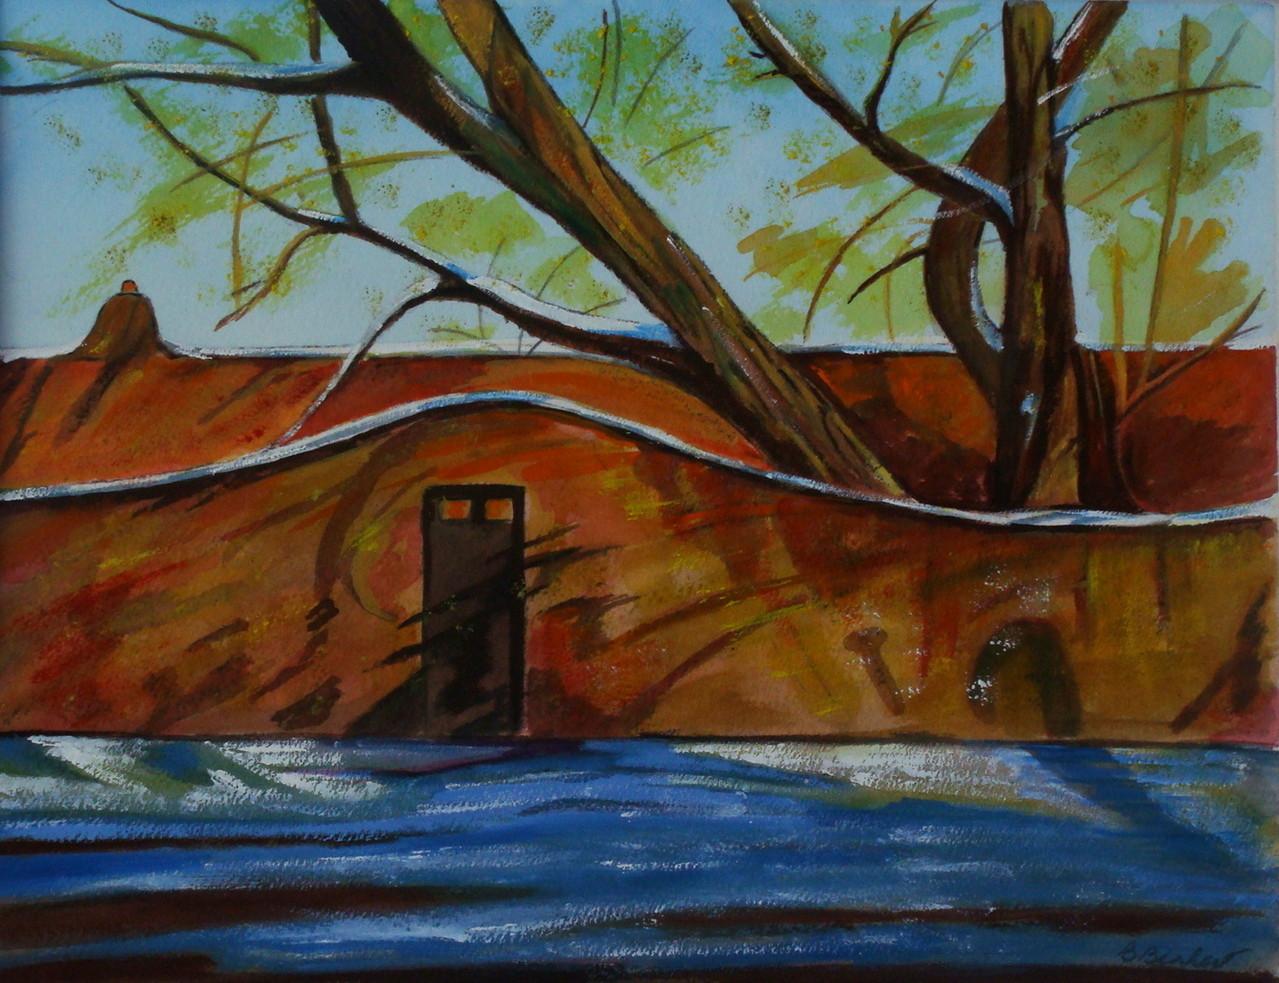 Garden Wall, watercolor, 13.5 x 10.5